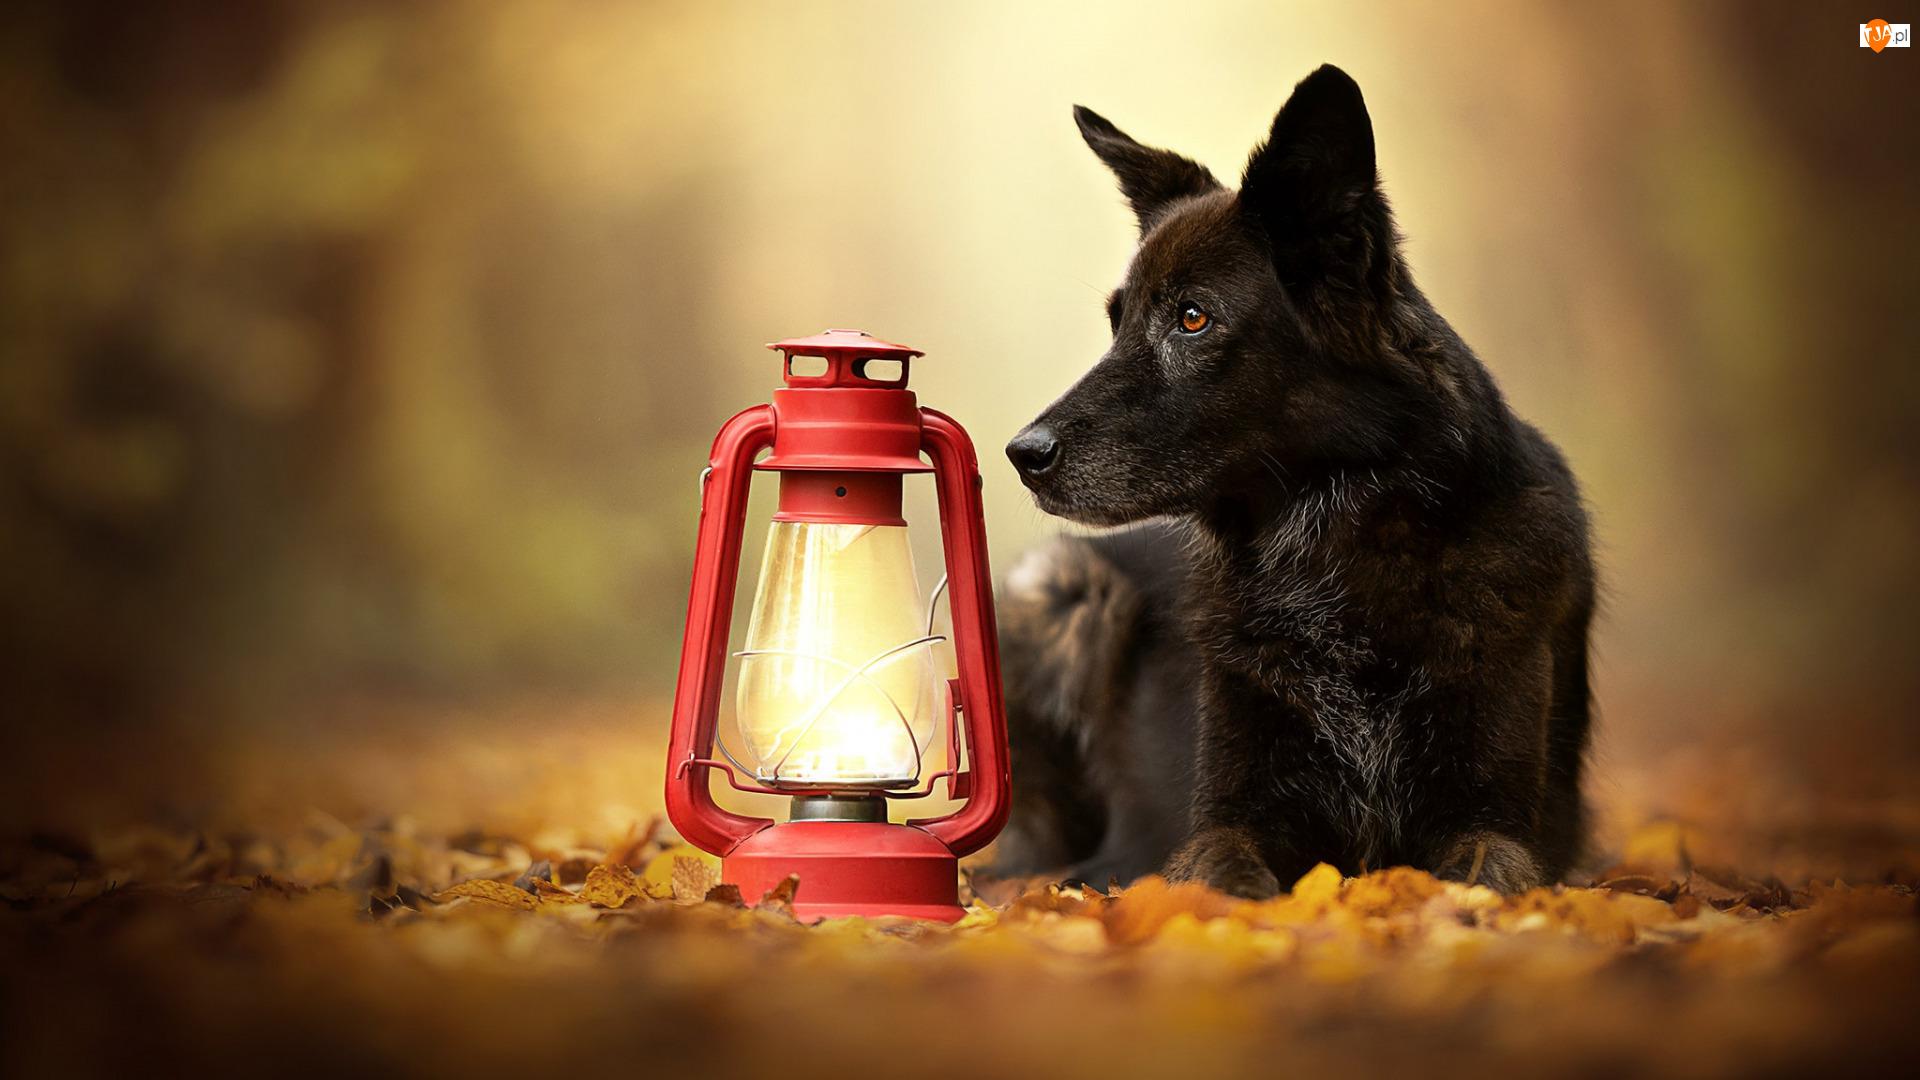 Lampa, Czarny, Pies, Czerwona